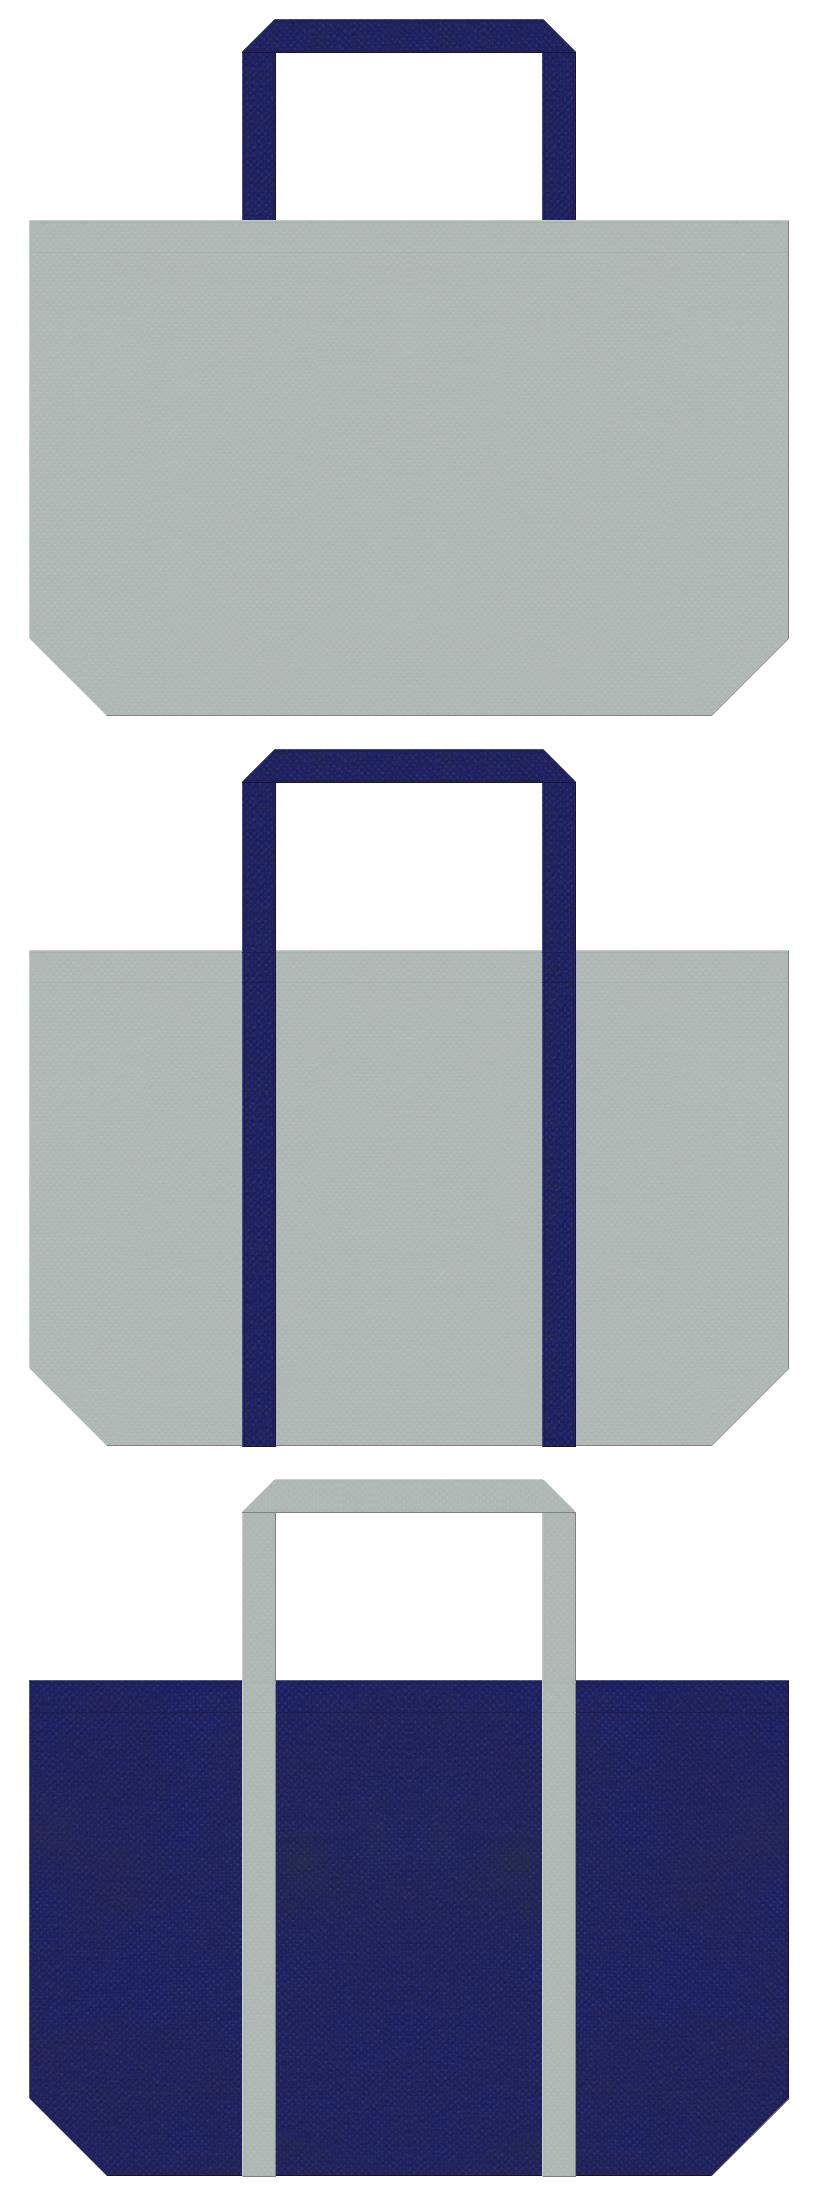 グレー色と明るい紺色の不織布エコバッグのデザイン。